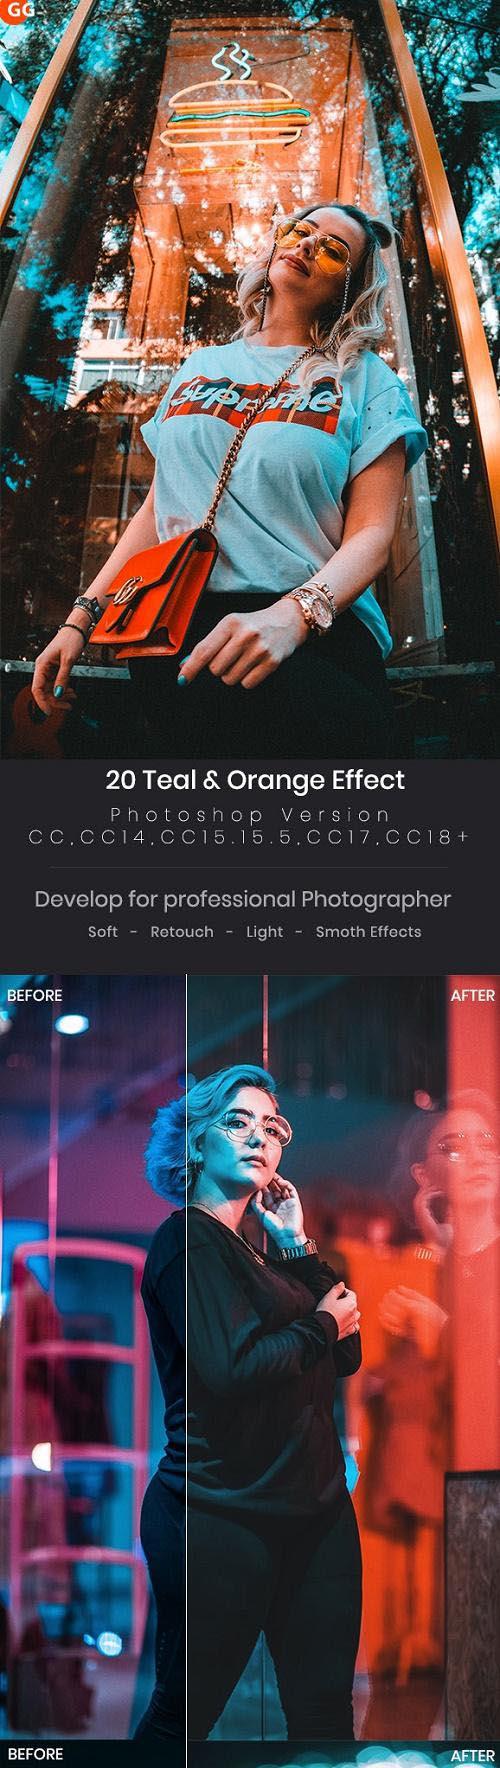 20 Teal & Orange Effect 23896458